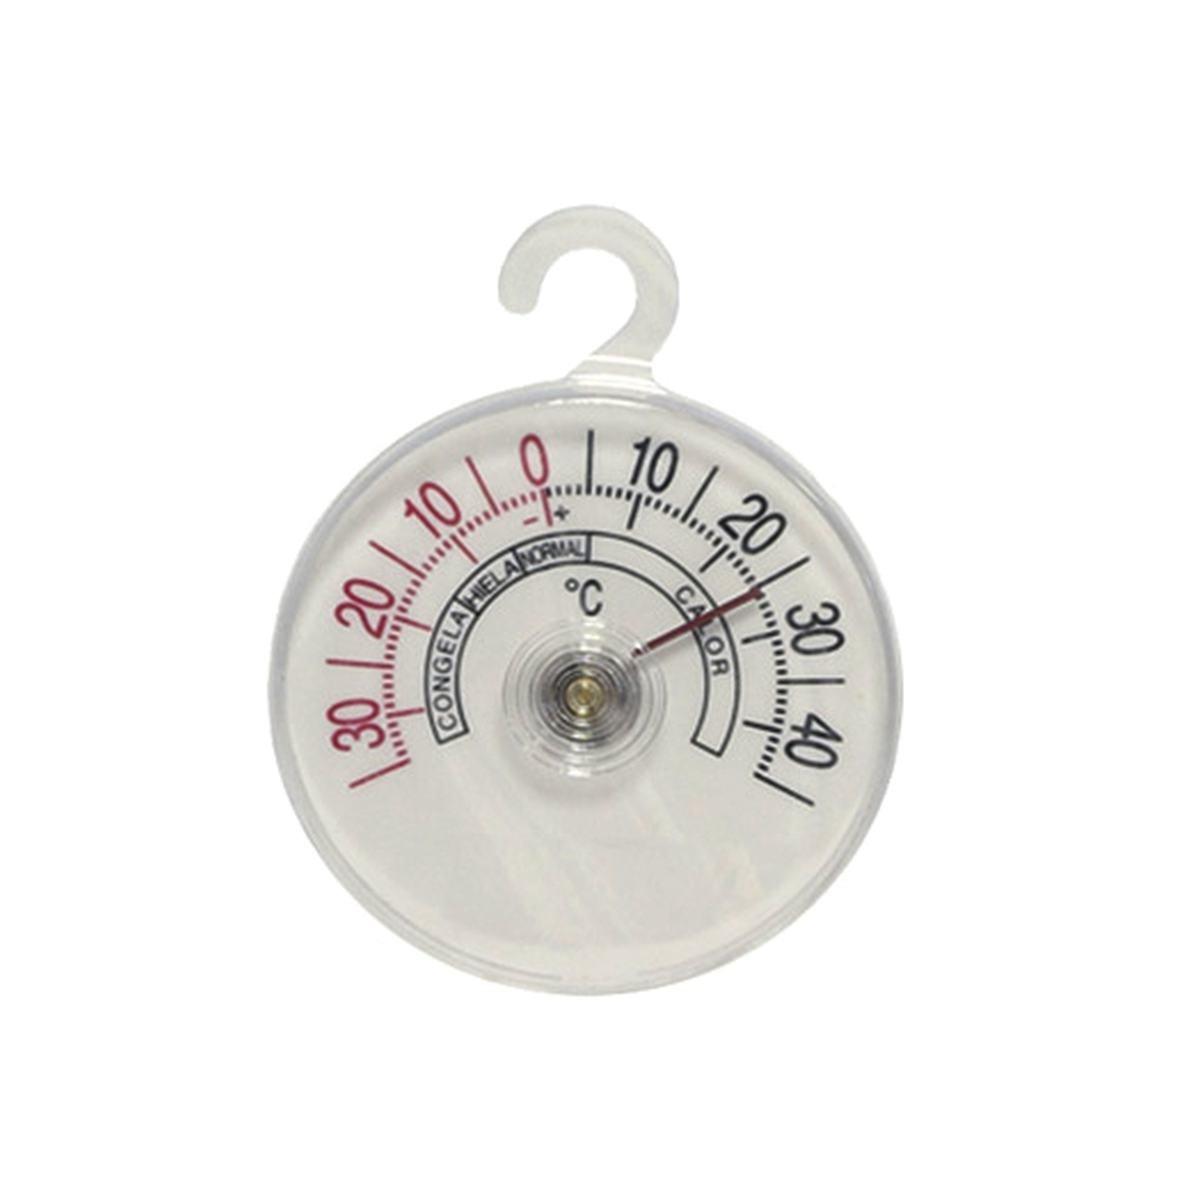 Termometer til køl frys rund model